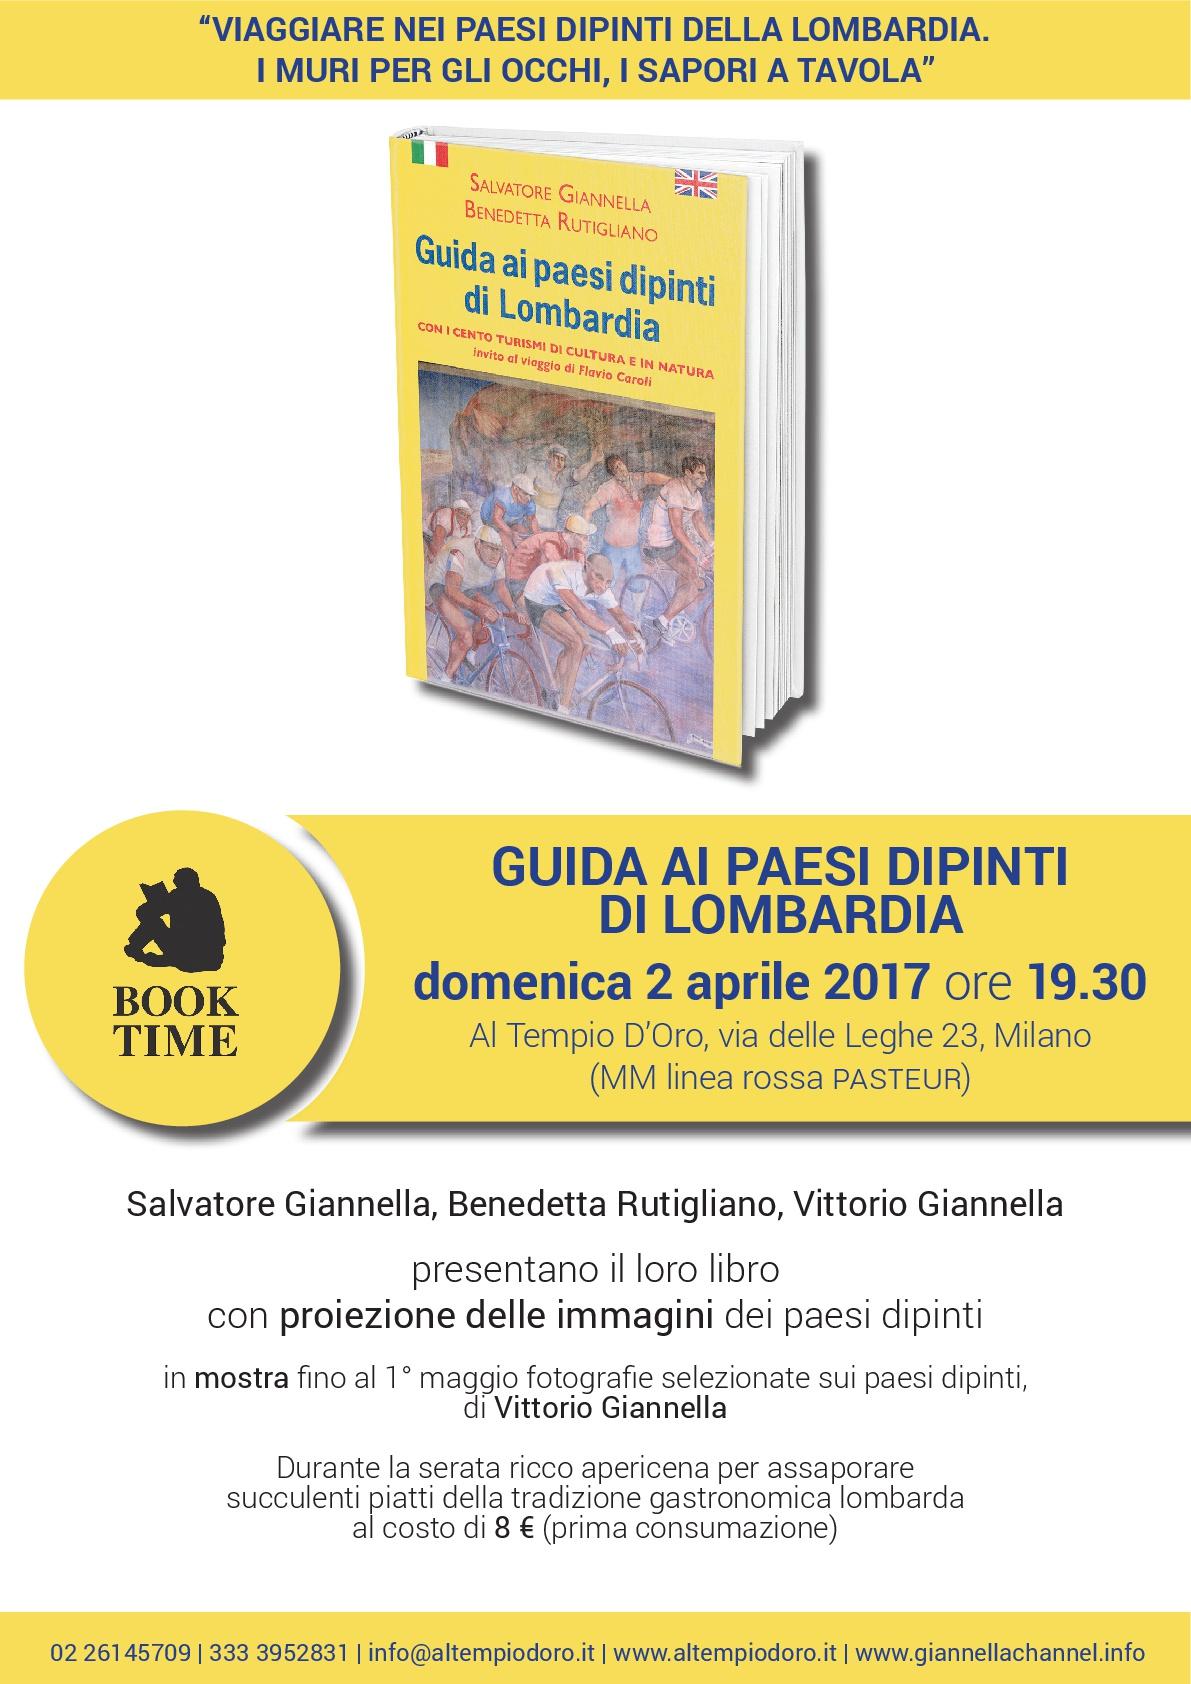 Invito Guida ai paesi Milano_Tempio D'Oro-001